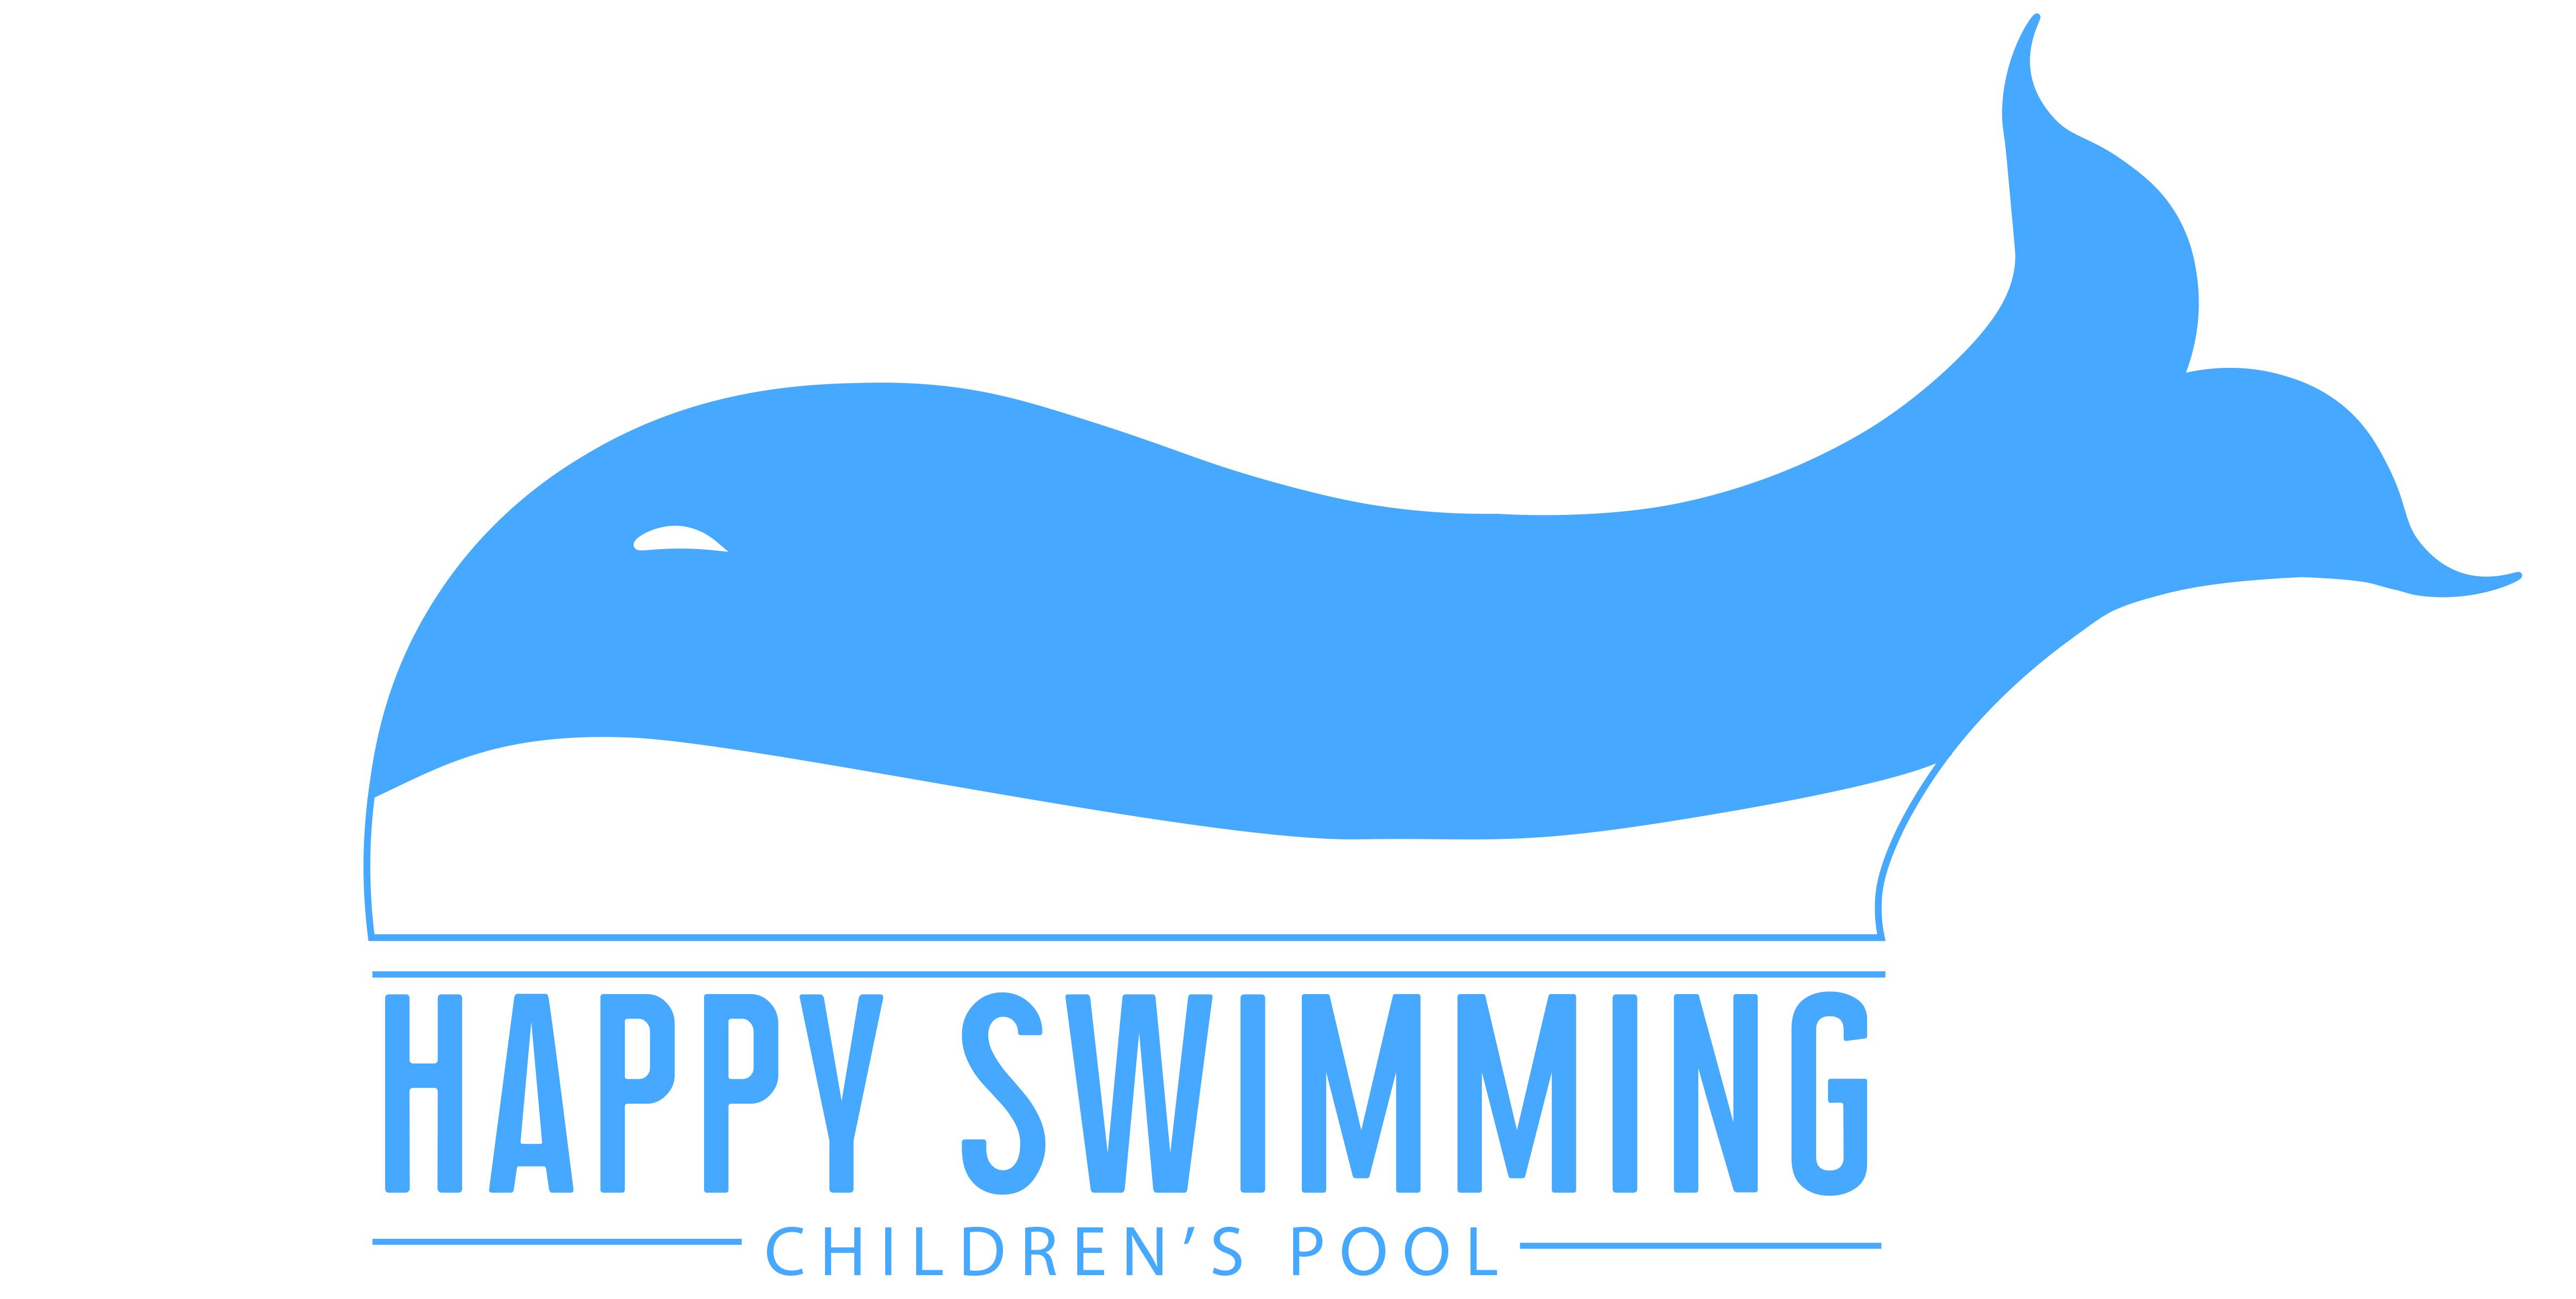 Логотип для  детского бассейна. фото f_8255c755c6b318cc.png